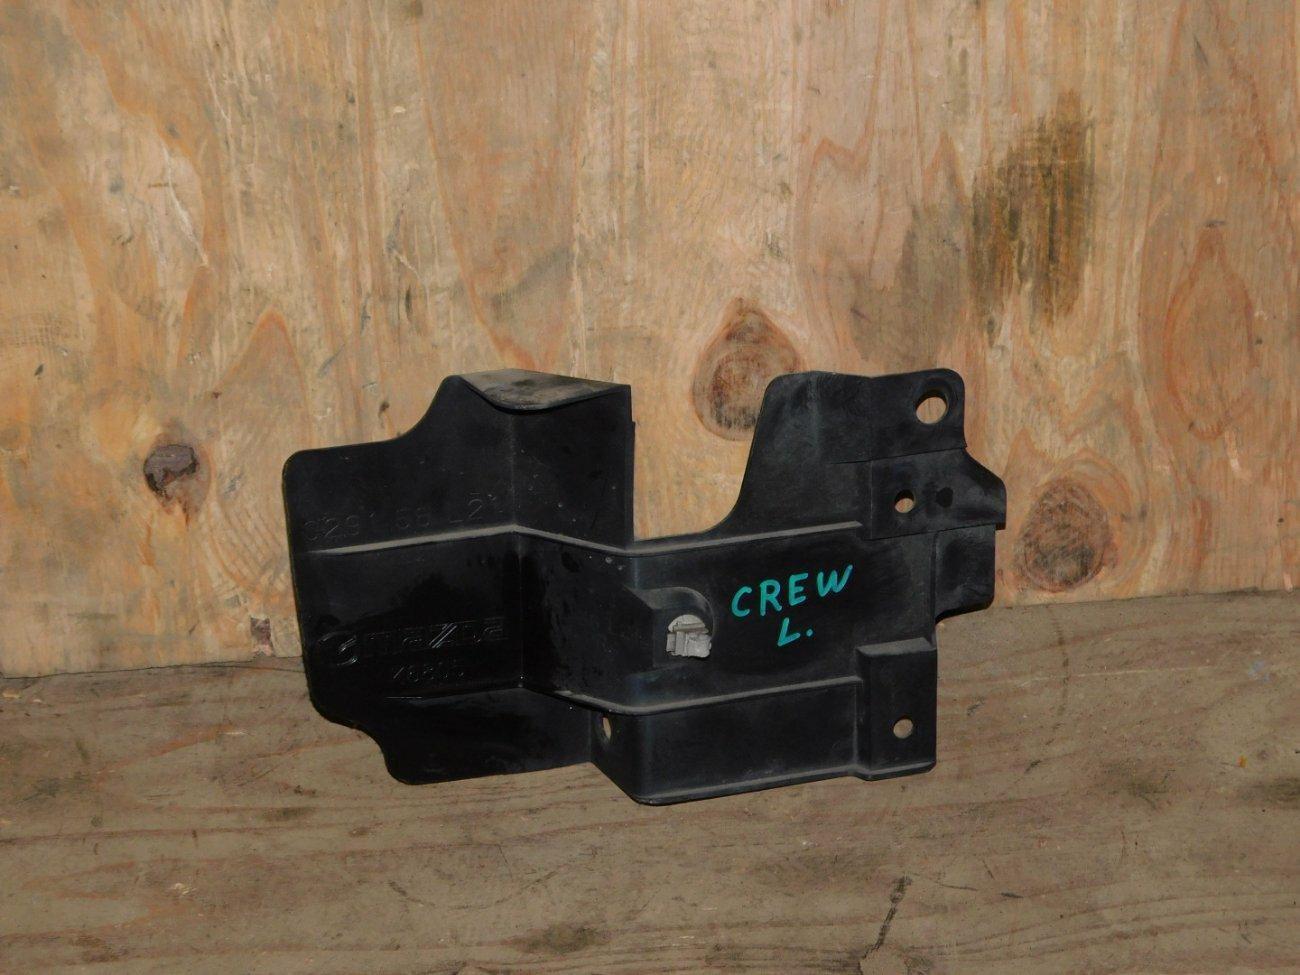 Защита радиатора Mazda Premacy CREW LF левая (б/у)